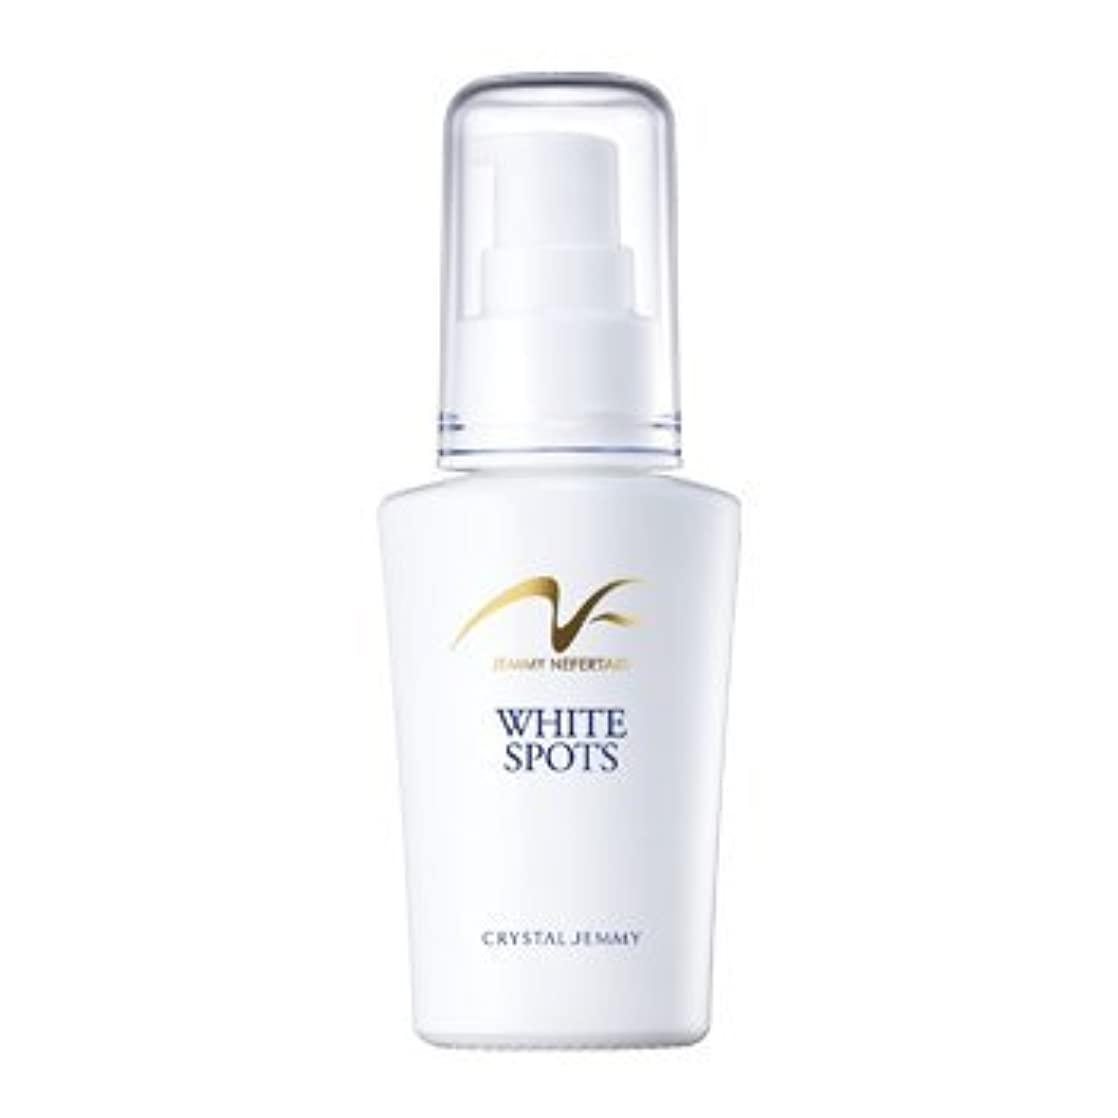 スプリット天ウィスキークリスタルジェミー ジェミーネフェルタリ薬用ホワイトスポッツ 美容液 美白 集中 シミ 対策